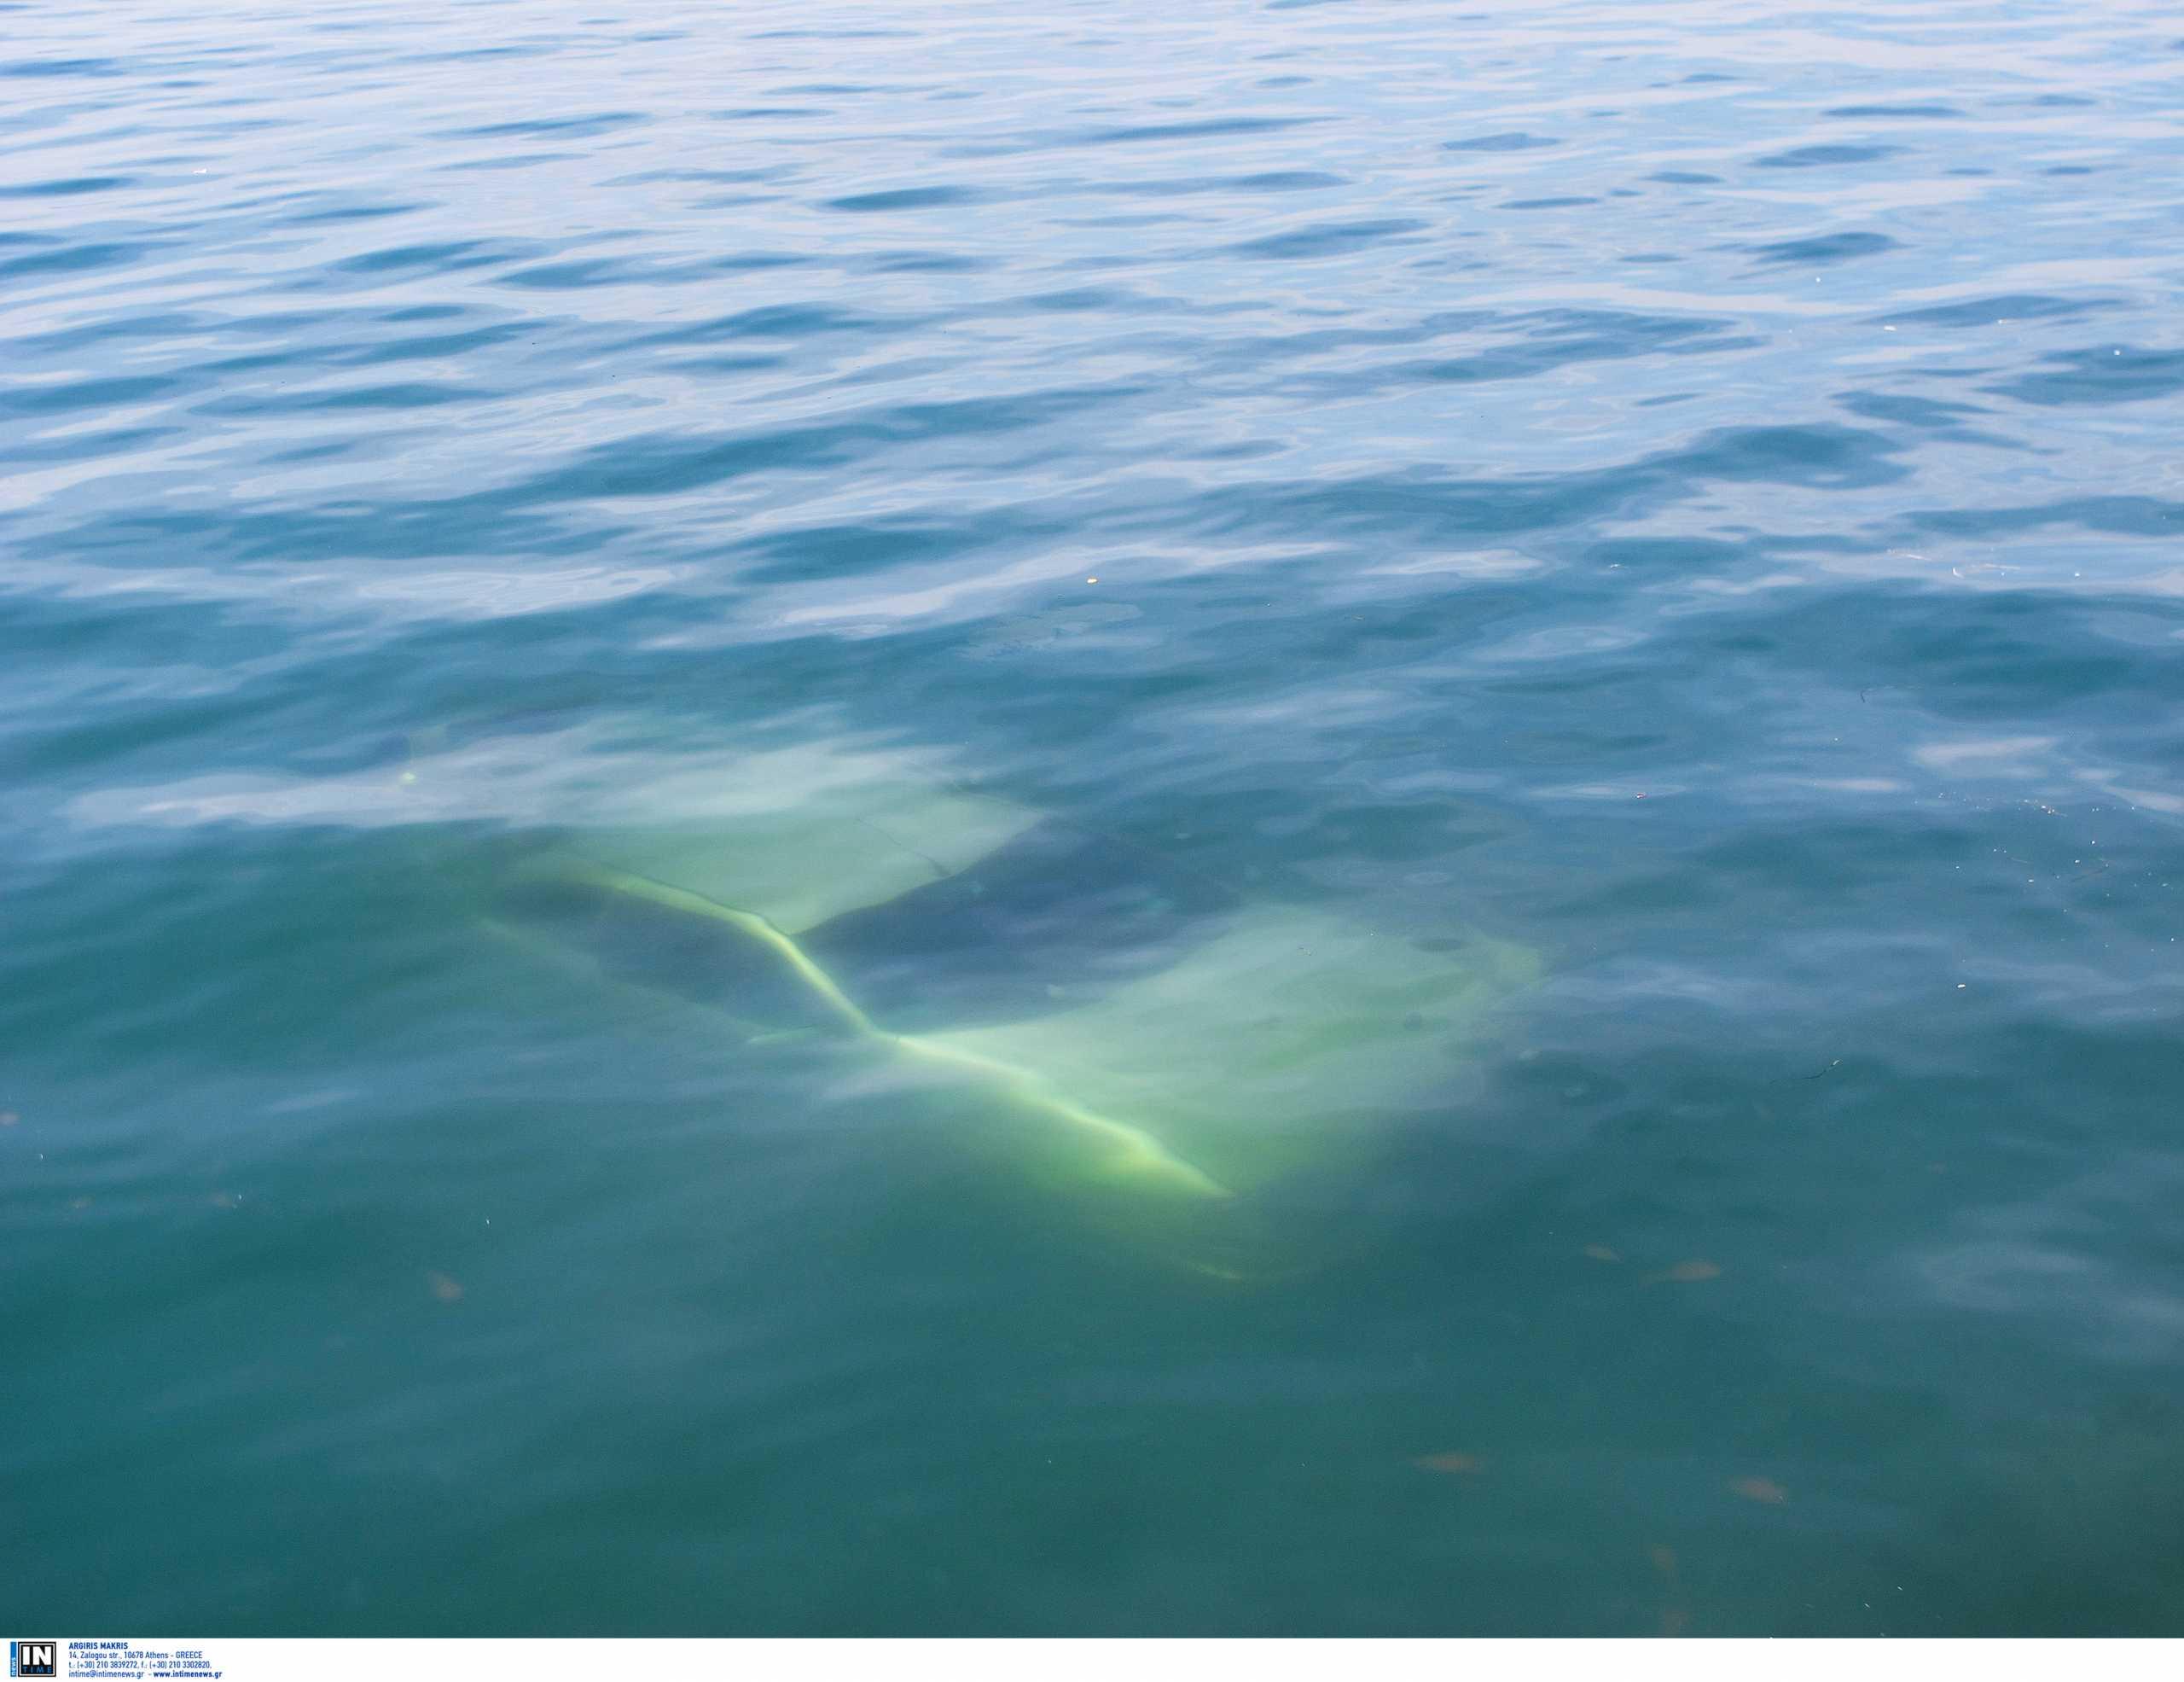 Κόρινθος: Συναγερμός για πτώση αυτοκινήτου στη θάλασσα – Σε εξέλιξη η επιχείρηση διάσωσης